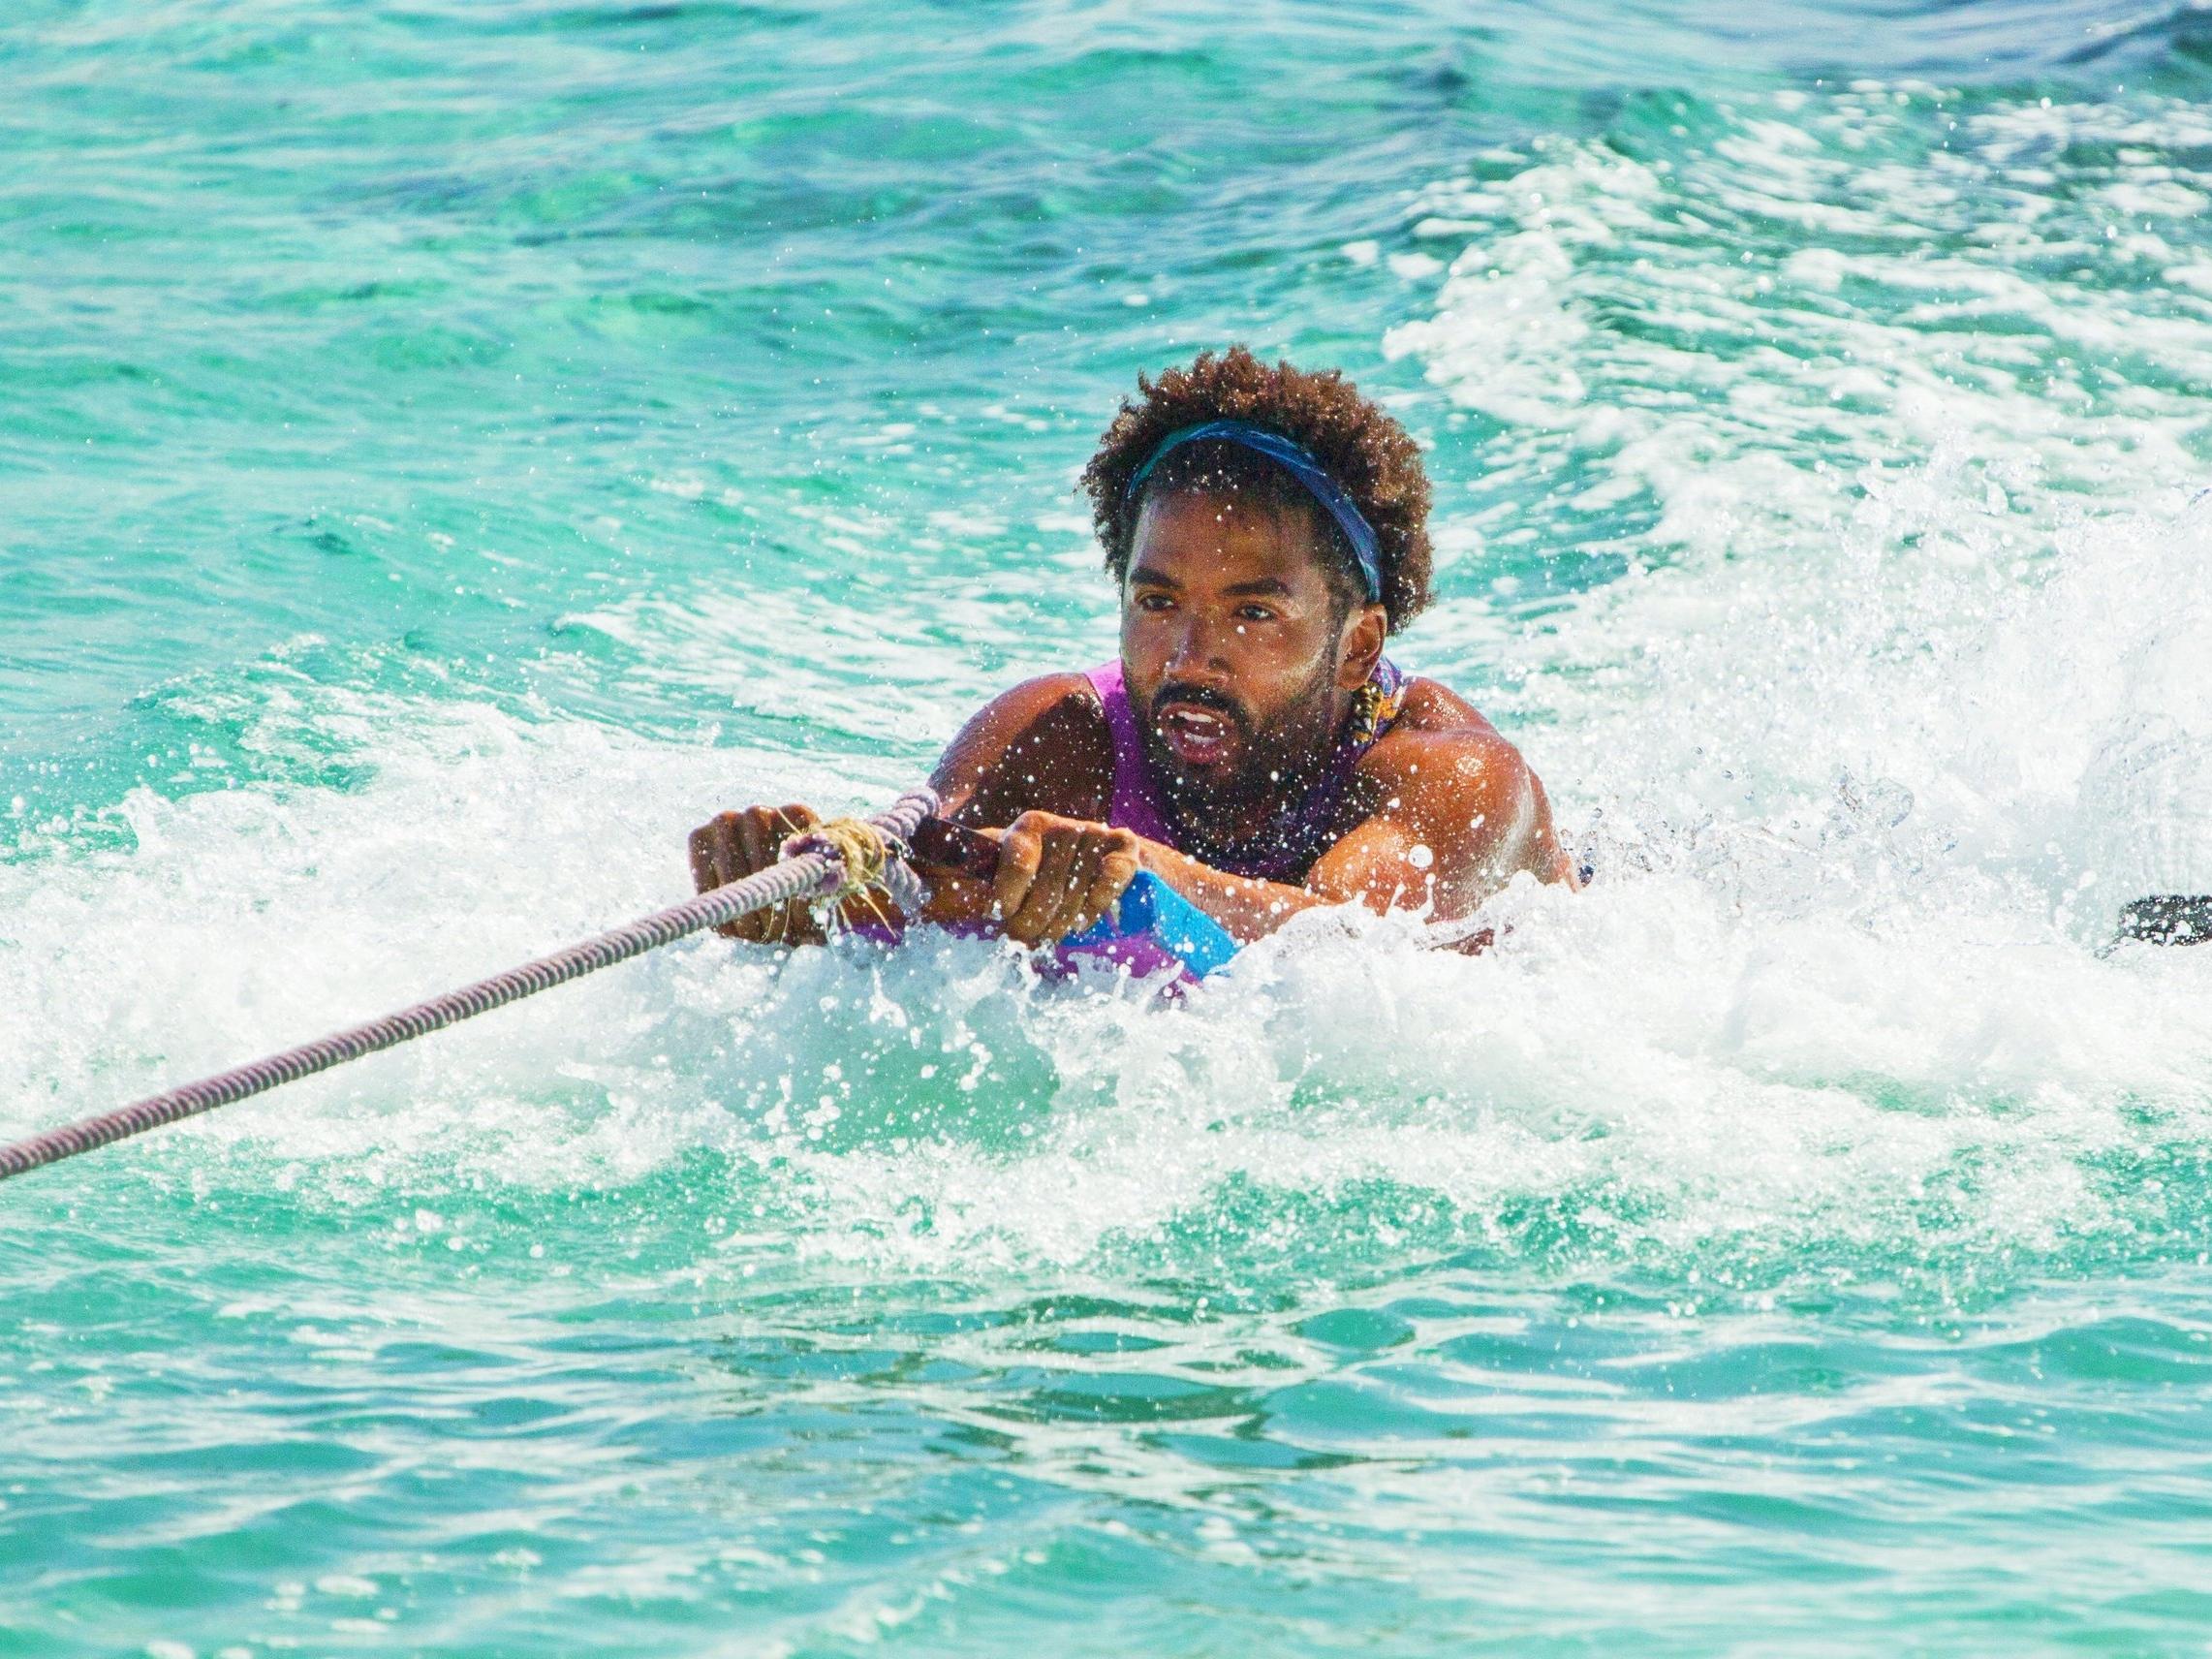 water skiing.jpeg